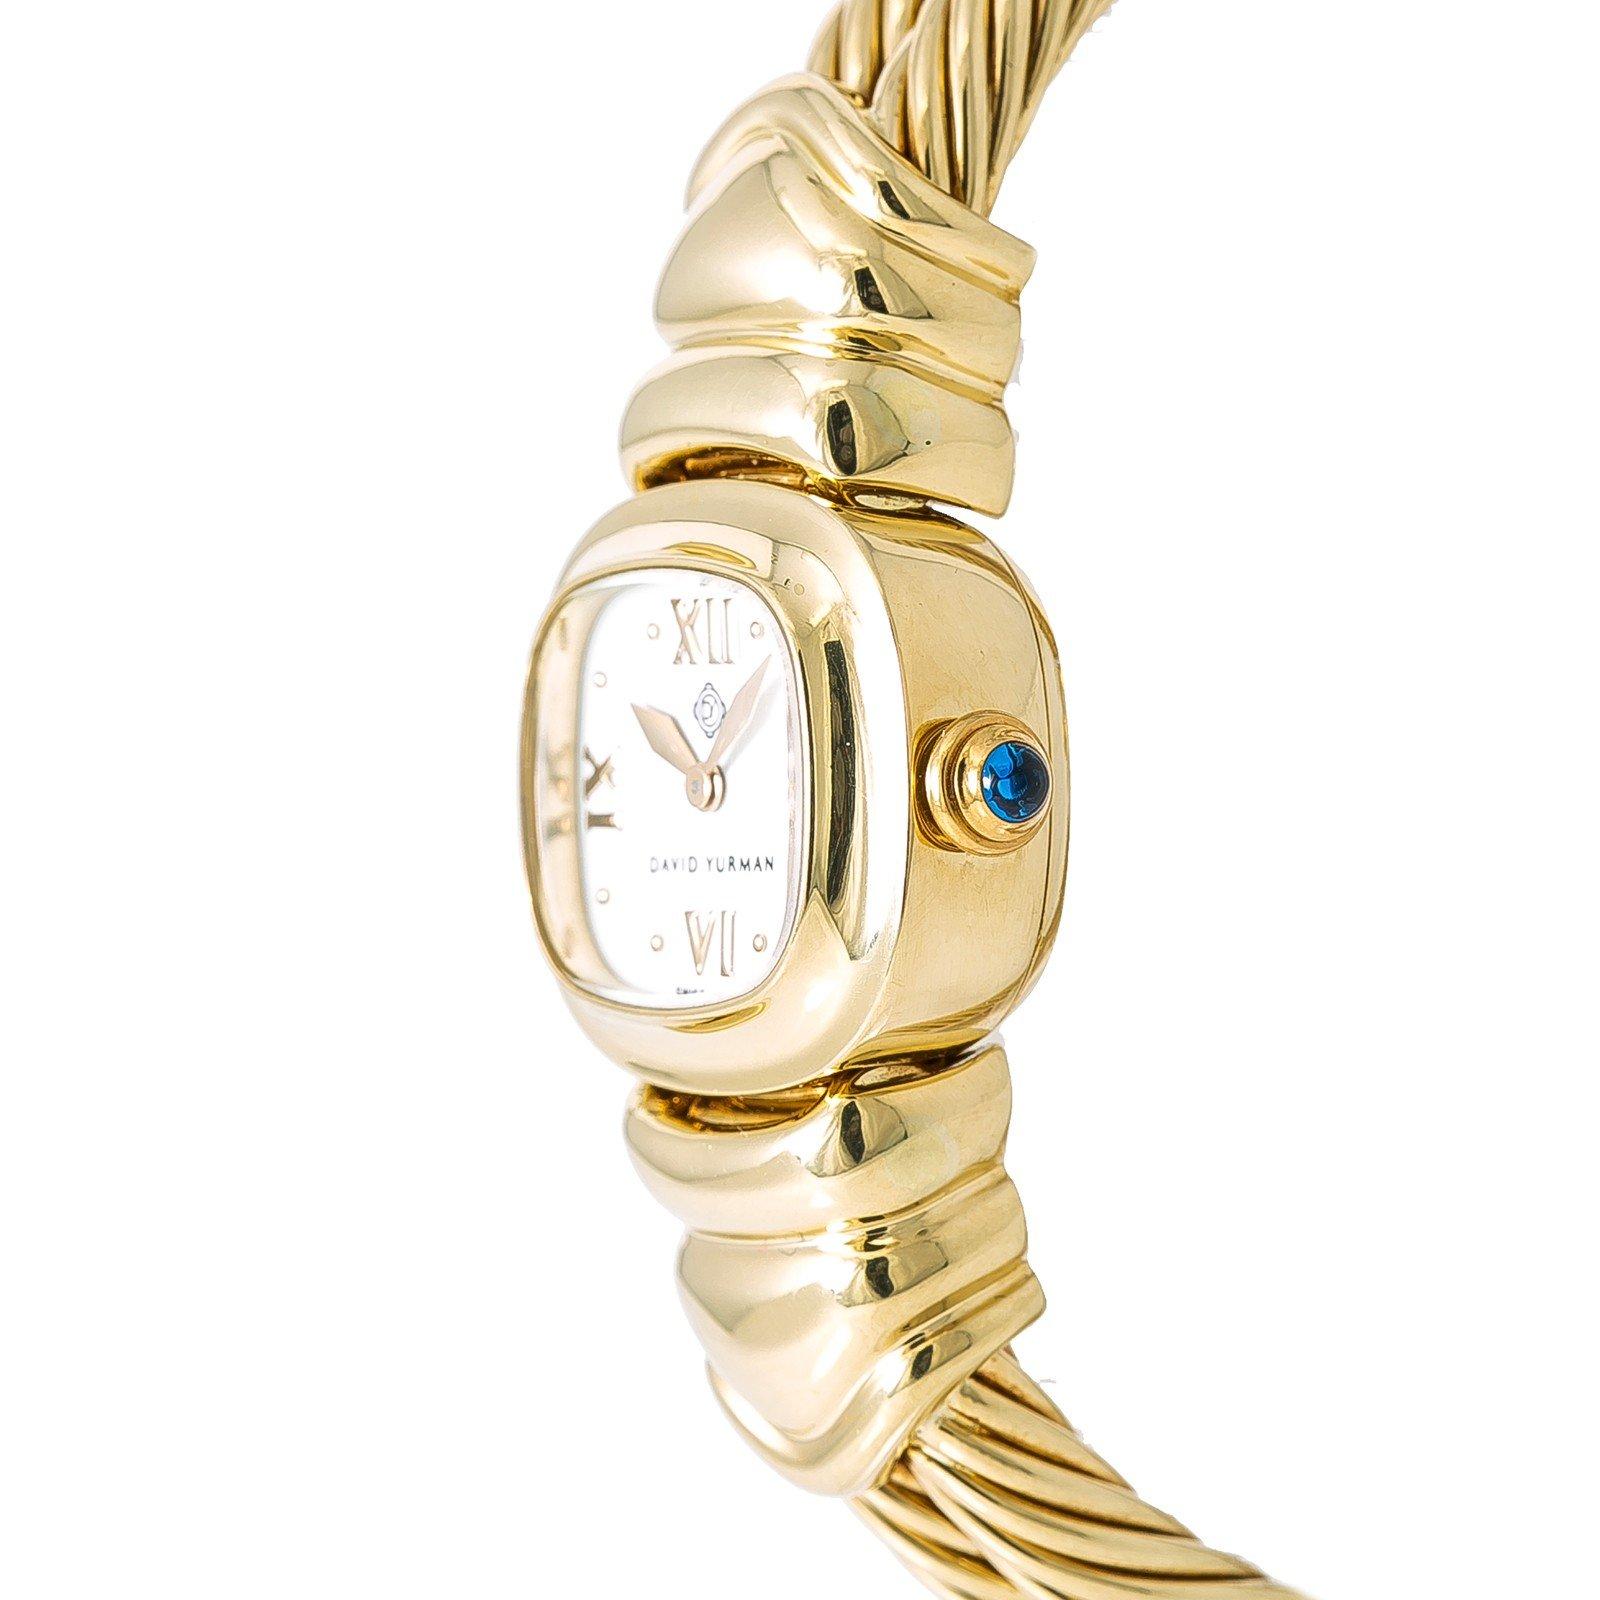 David Yurman Bangle Watch quartz womens Watch T-3833 (Certified Pre-owned) by David Yurman (Image #3)